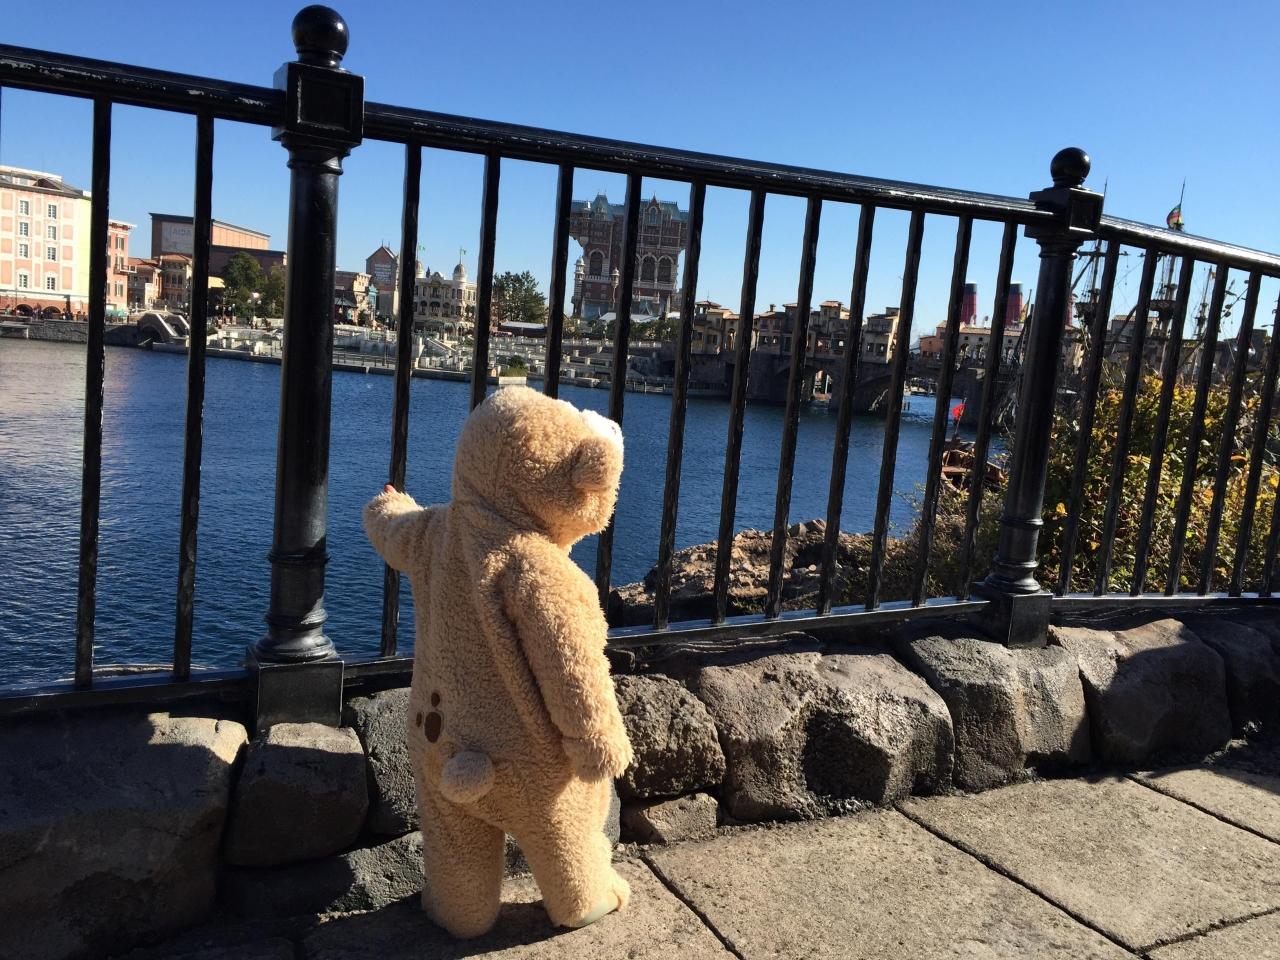 ディズニーシー 2015.2.2』千葉県の旅行記・ブログ by fernandoさん